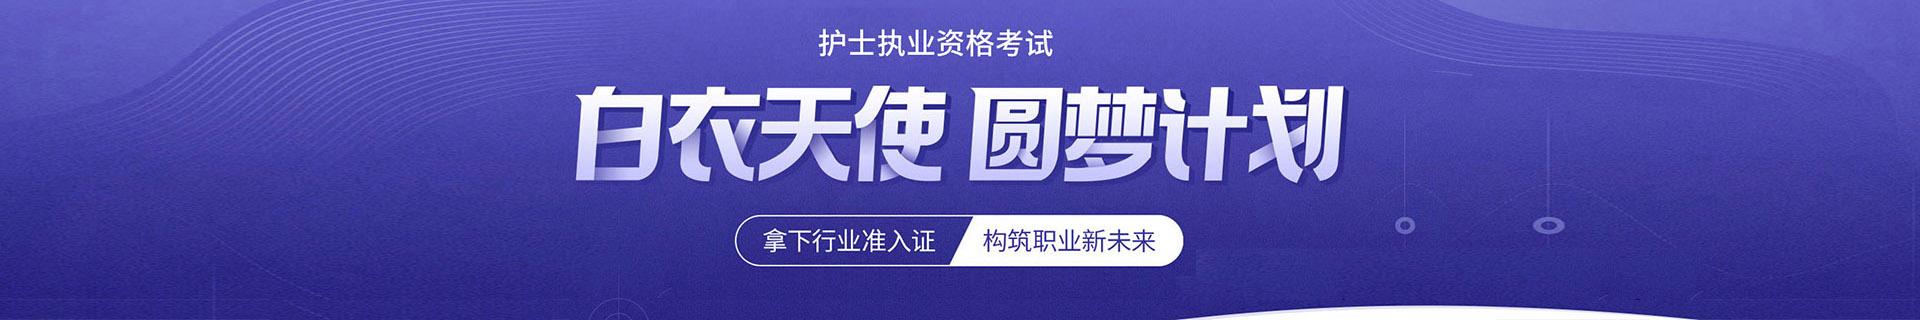 亳州优路教育培训学校